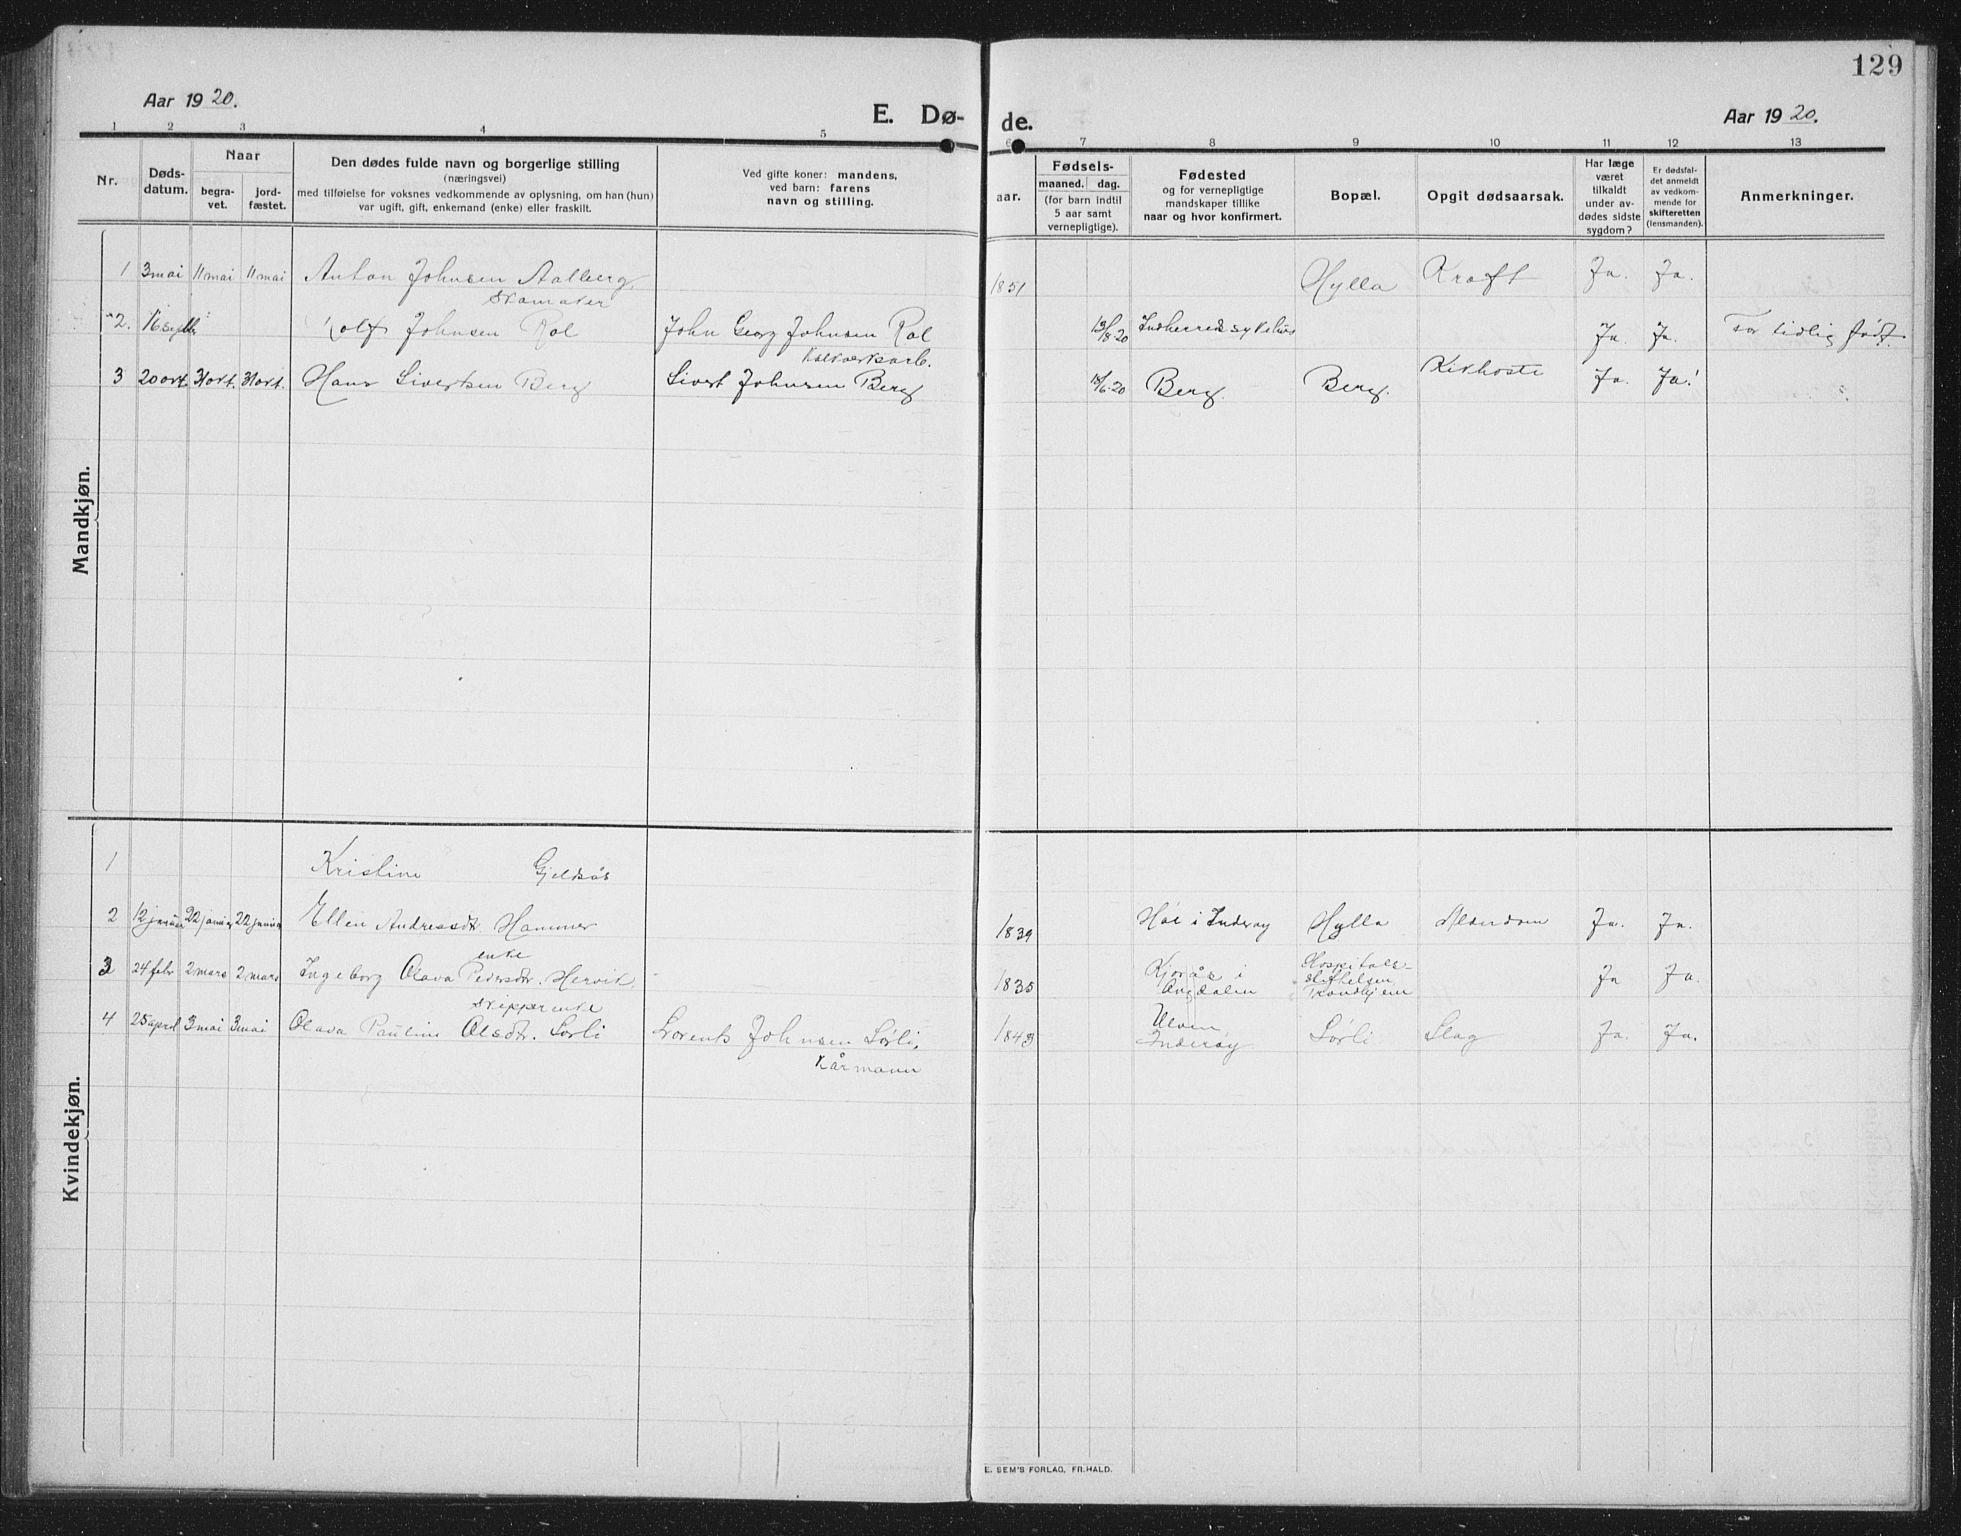 SAT, Ministerialprotokoller, klokkerbøker og fødselsregistre - Nord-Trøndelag, 731/L0312: Klokkerbok nr. 731C03, 1911-1935, s. 129